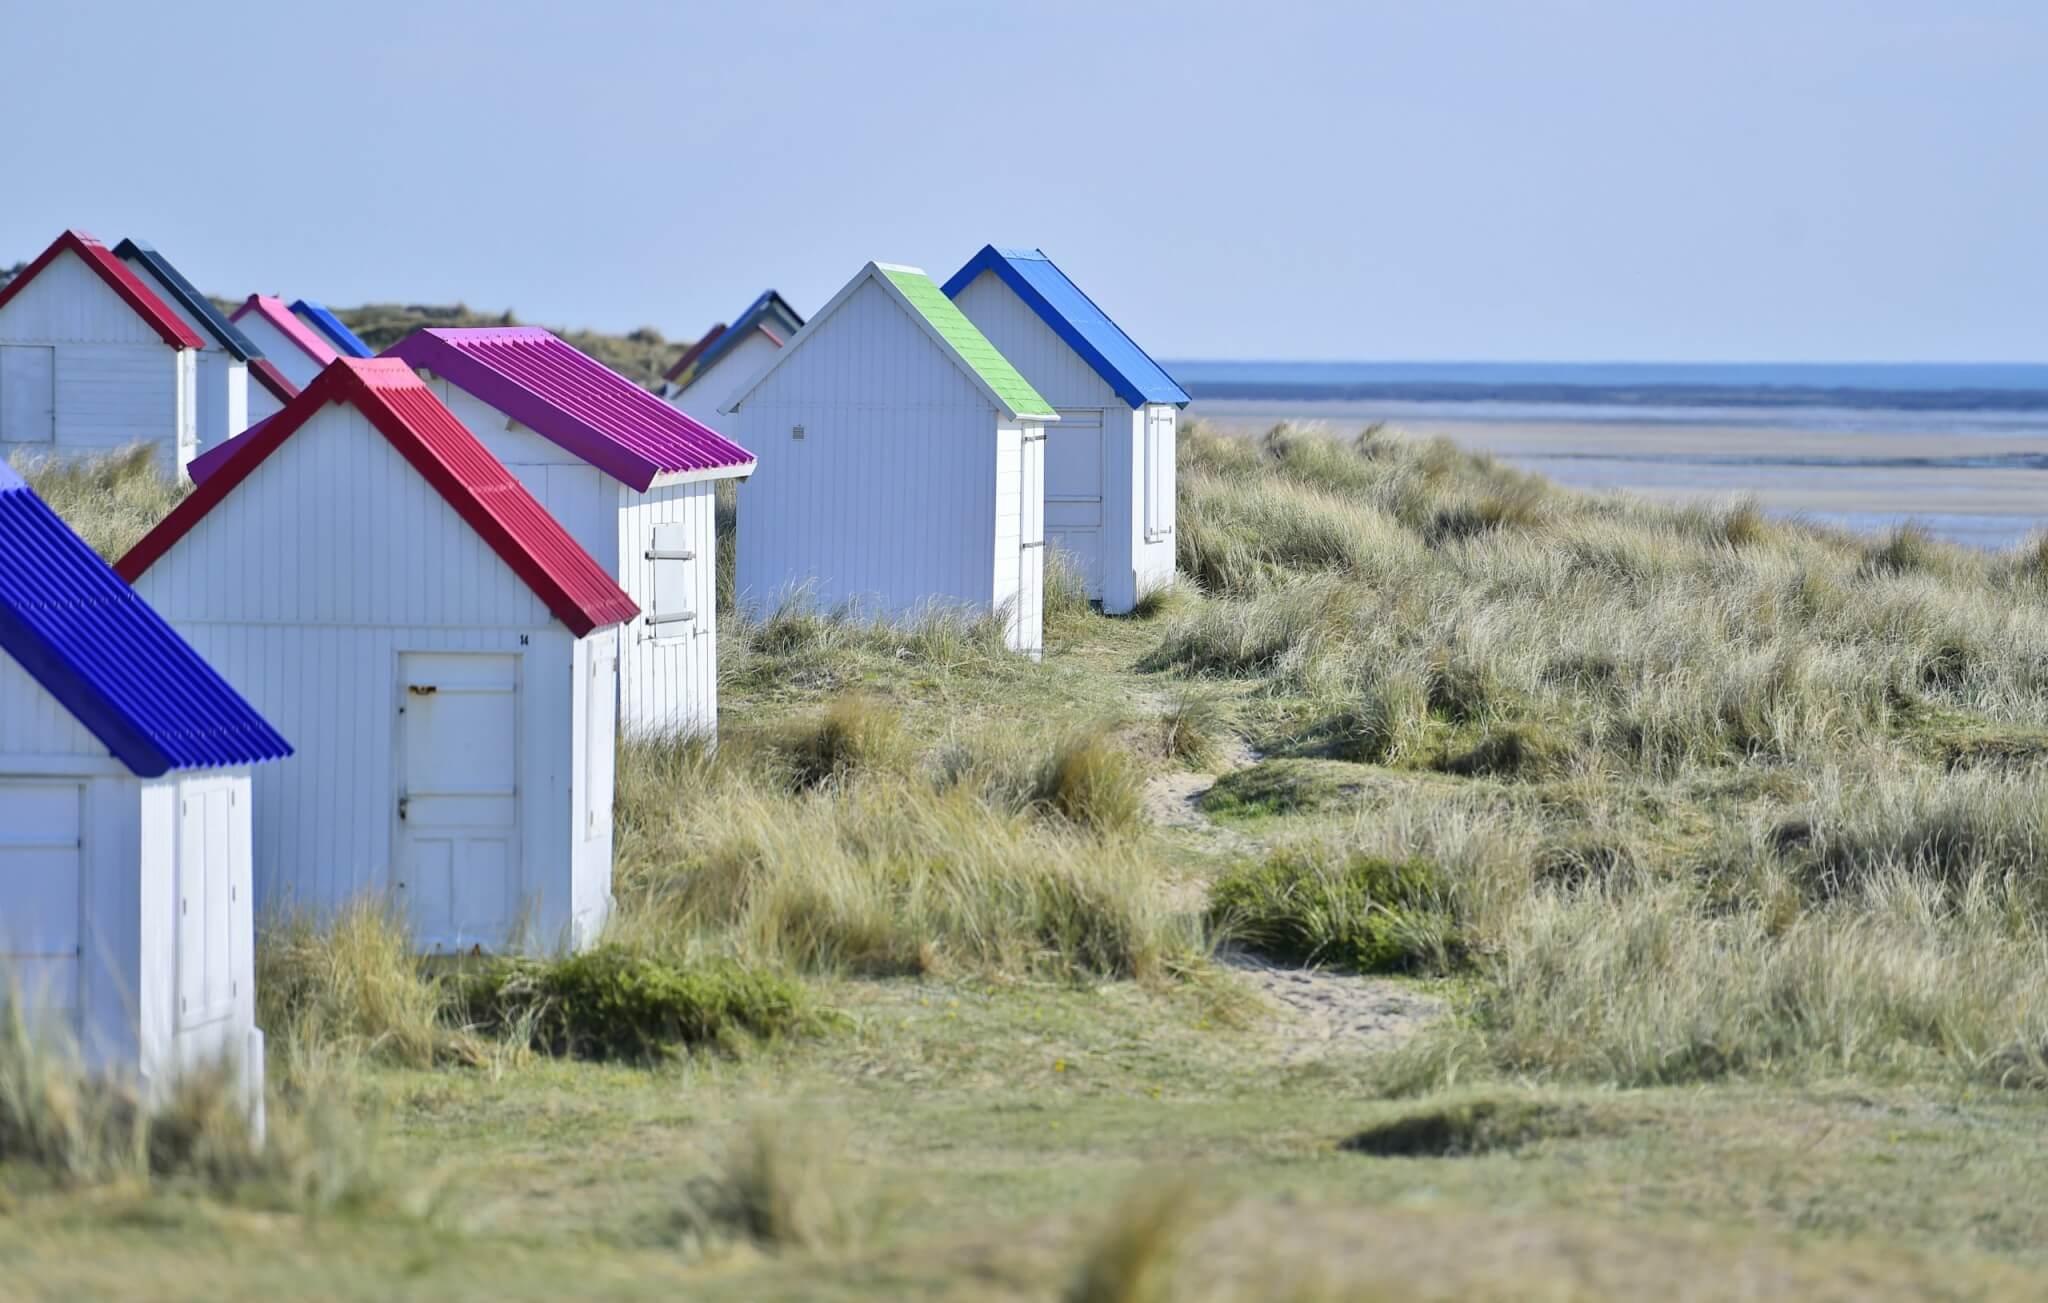 Les cabanes de Gouville-sur-Mer et leur toiture si colorée.